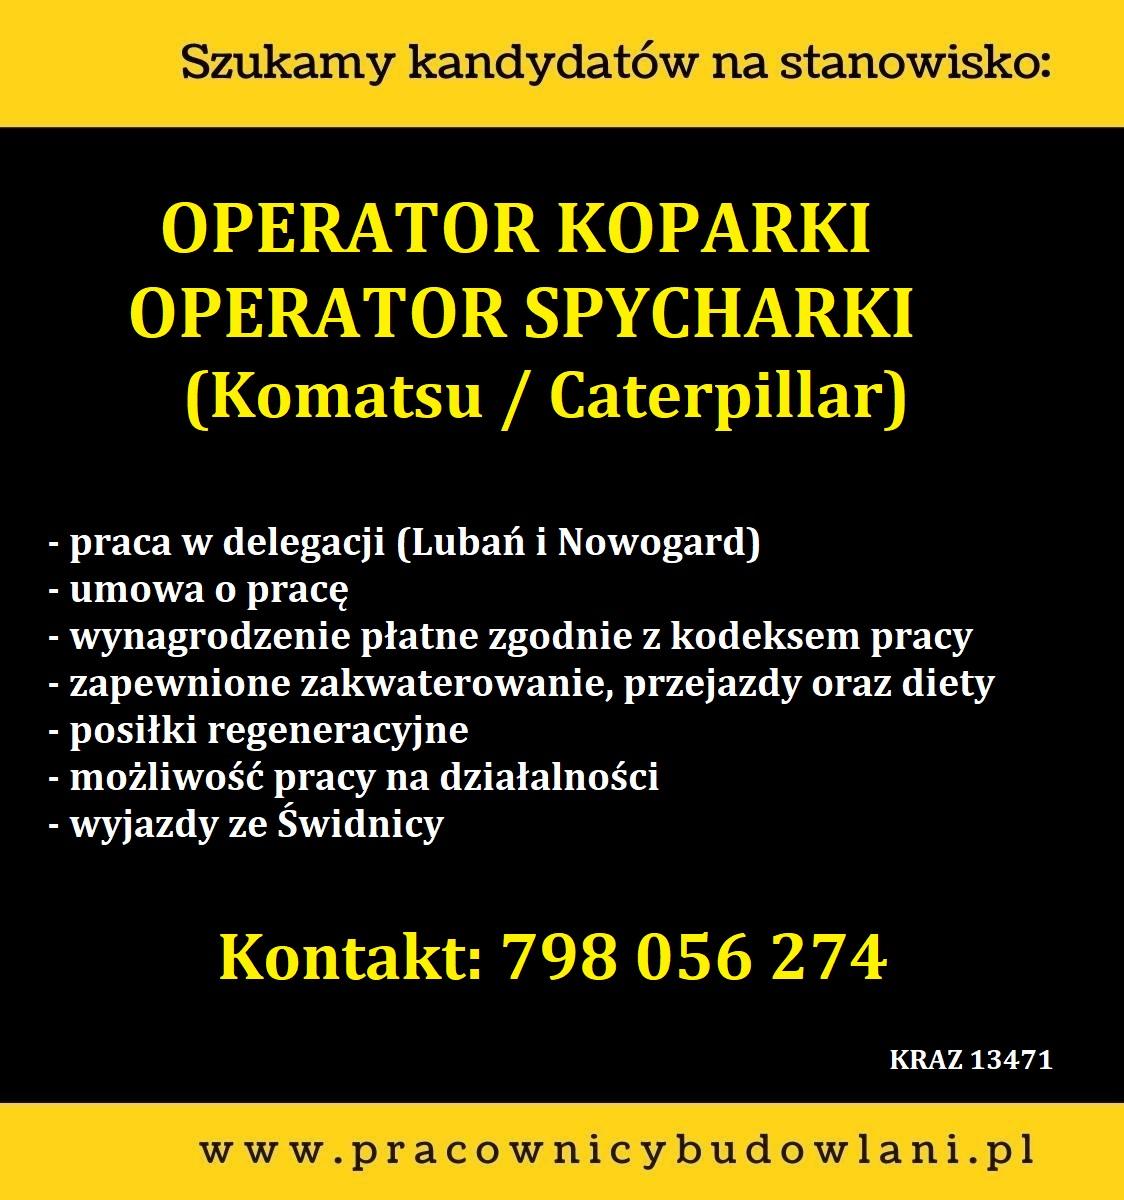 Operatorzy: Spycharka i Koparka